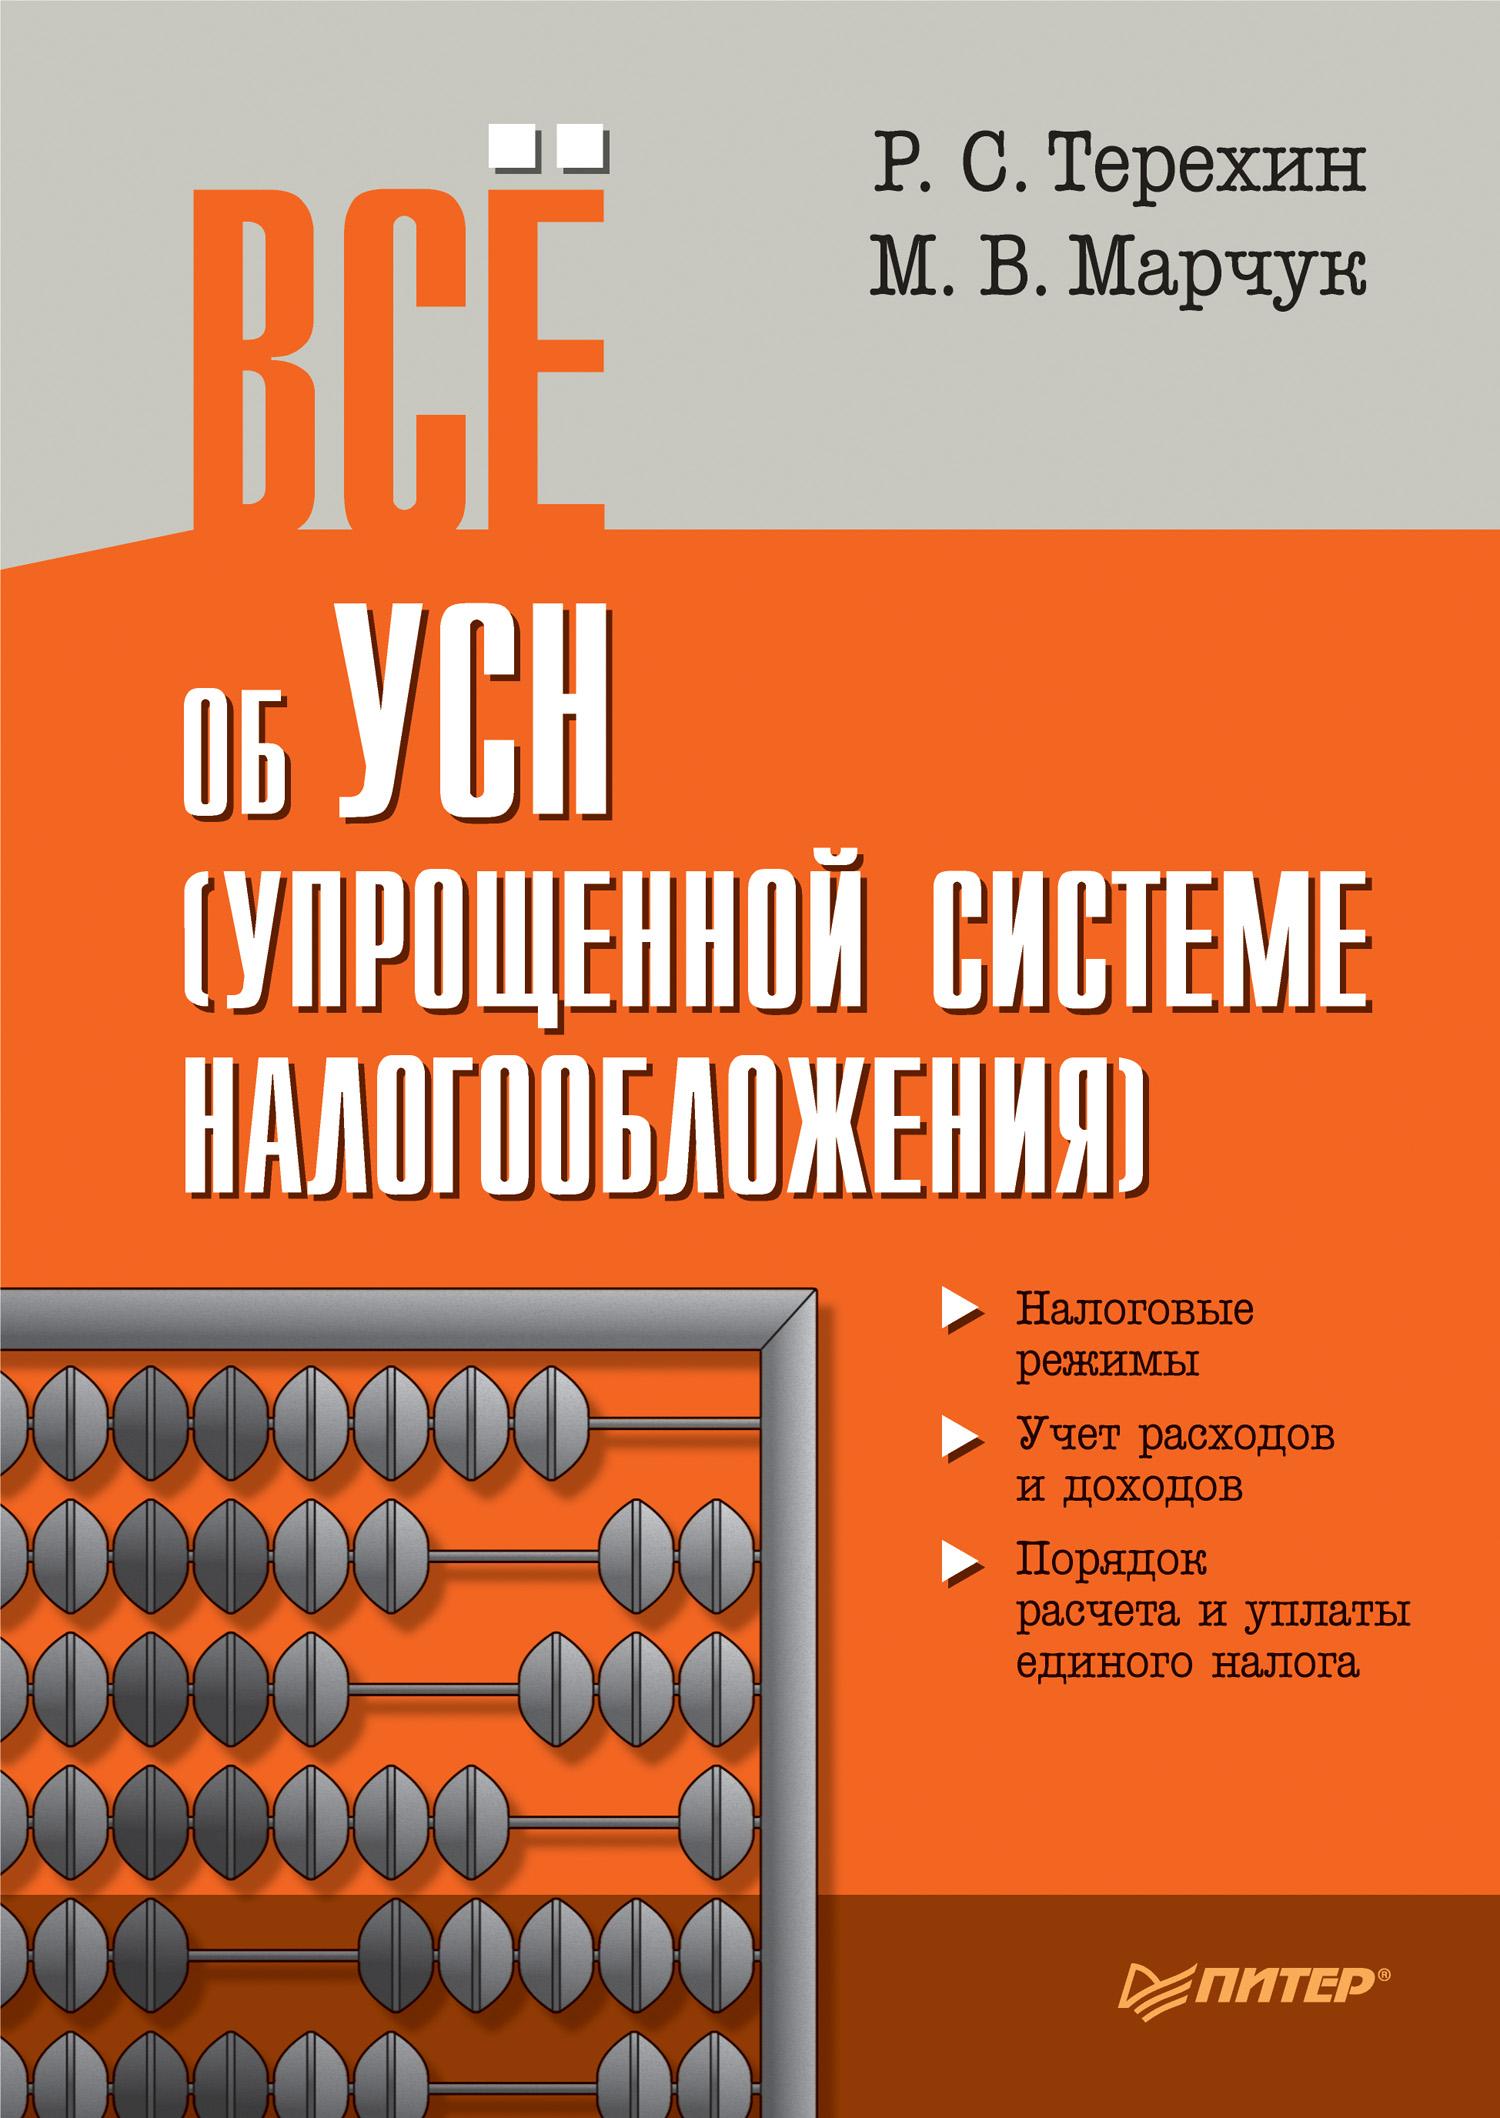 Обложка книги. Автор - Р. Терехин